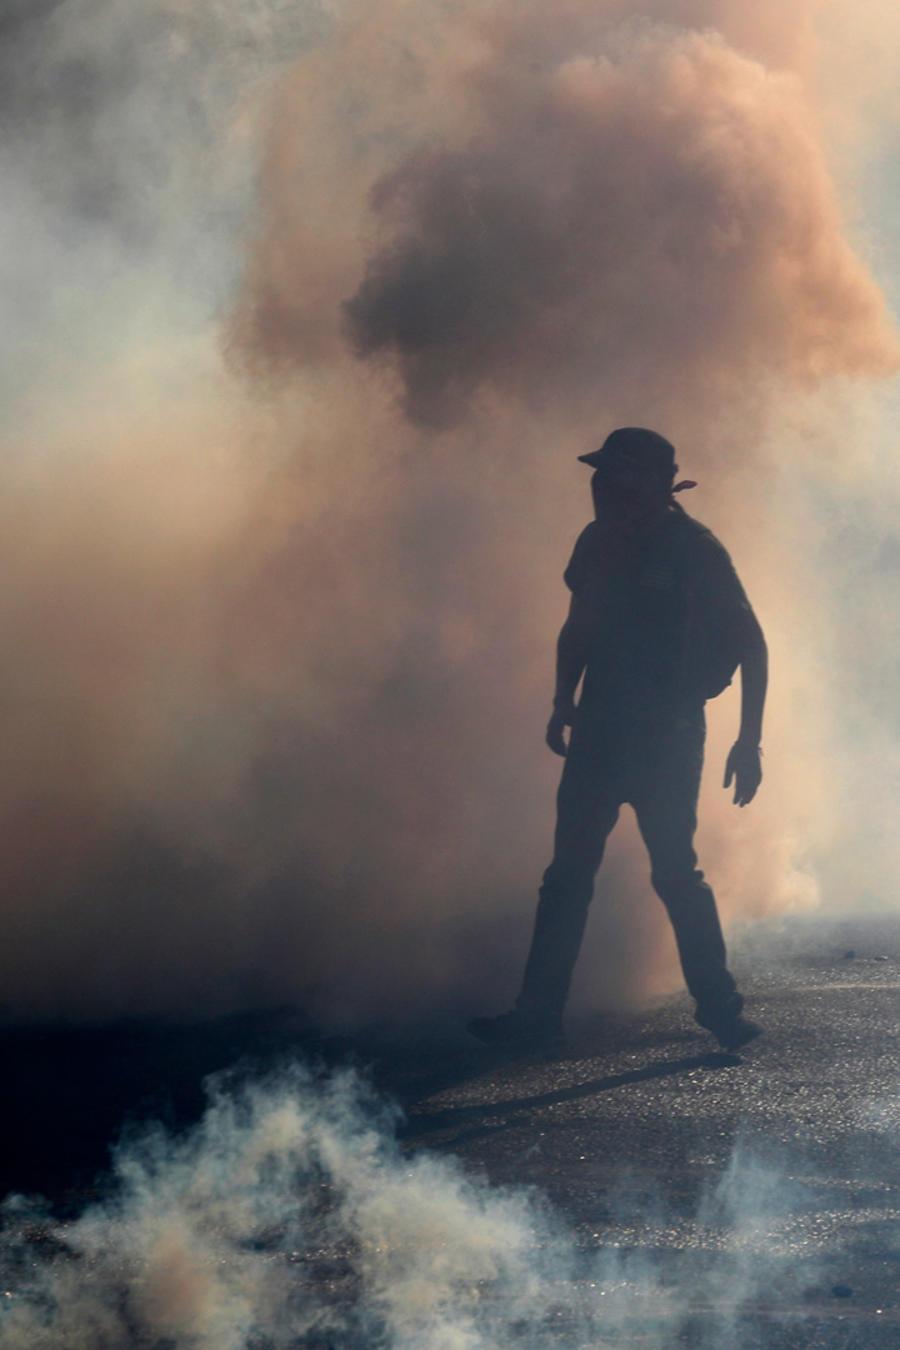 Un hombre en medio de protestas en Chile en una imagen de este viernes.